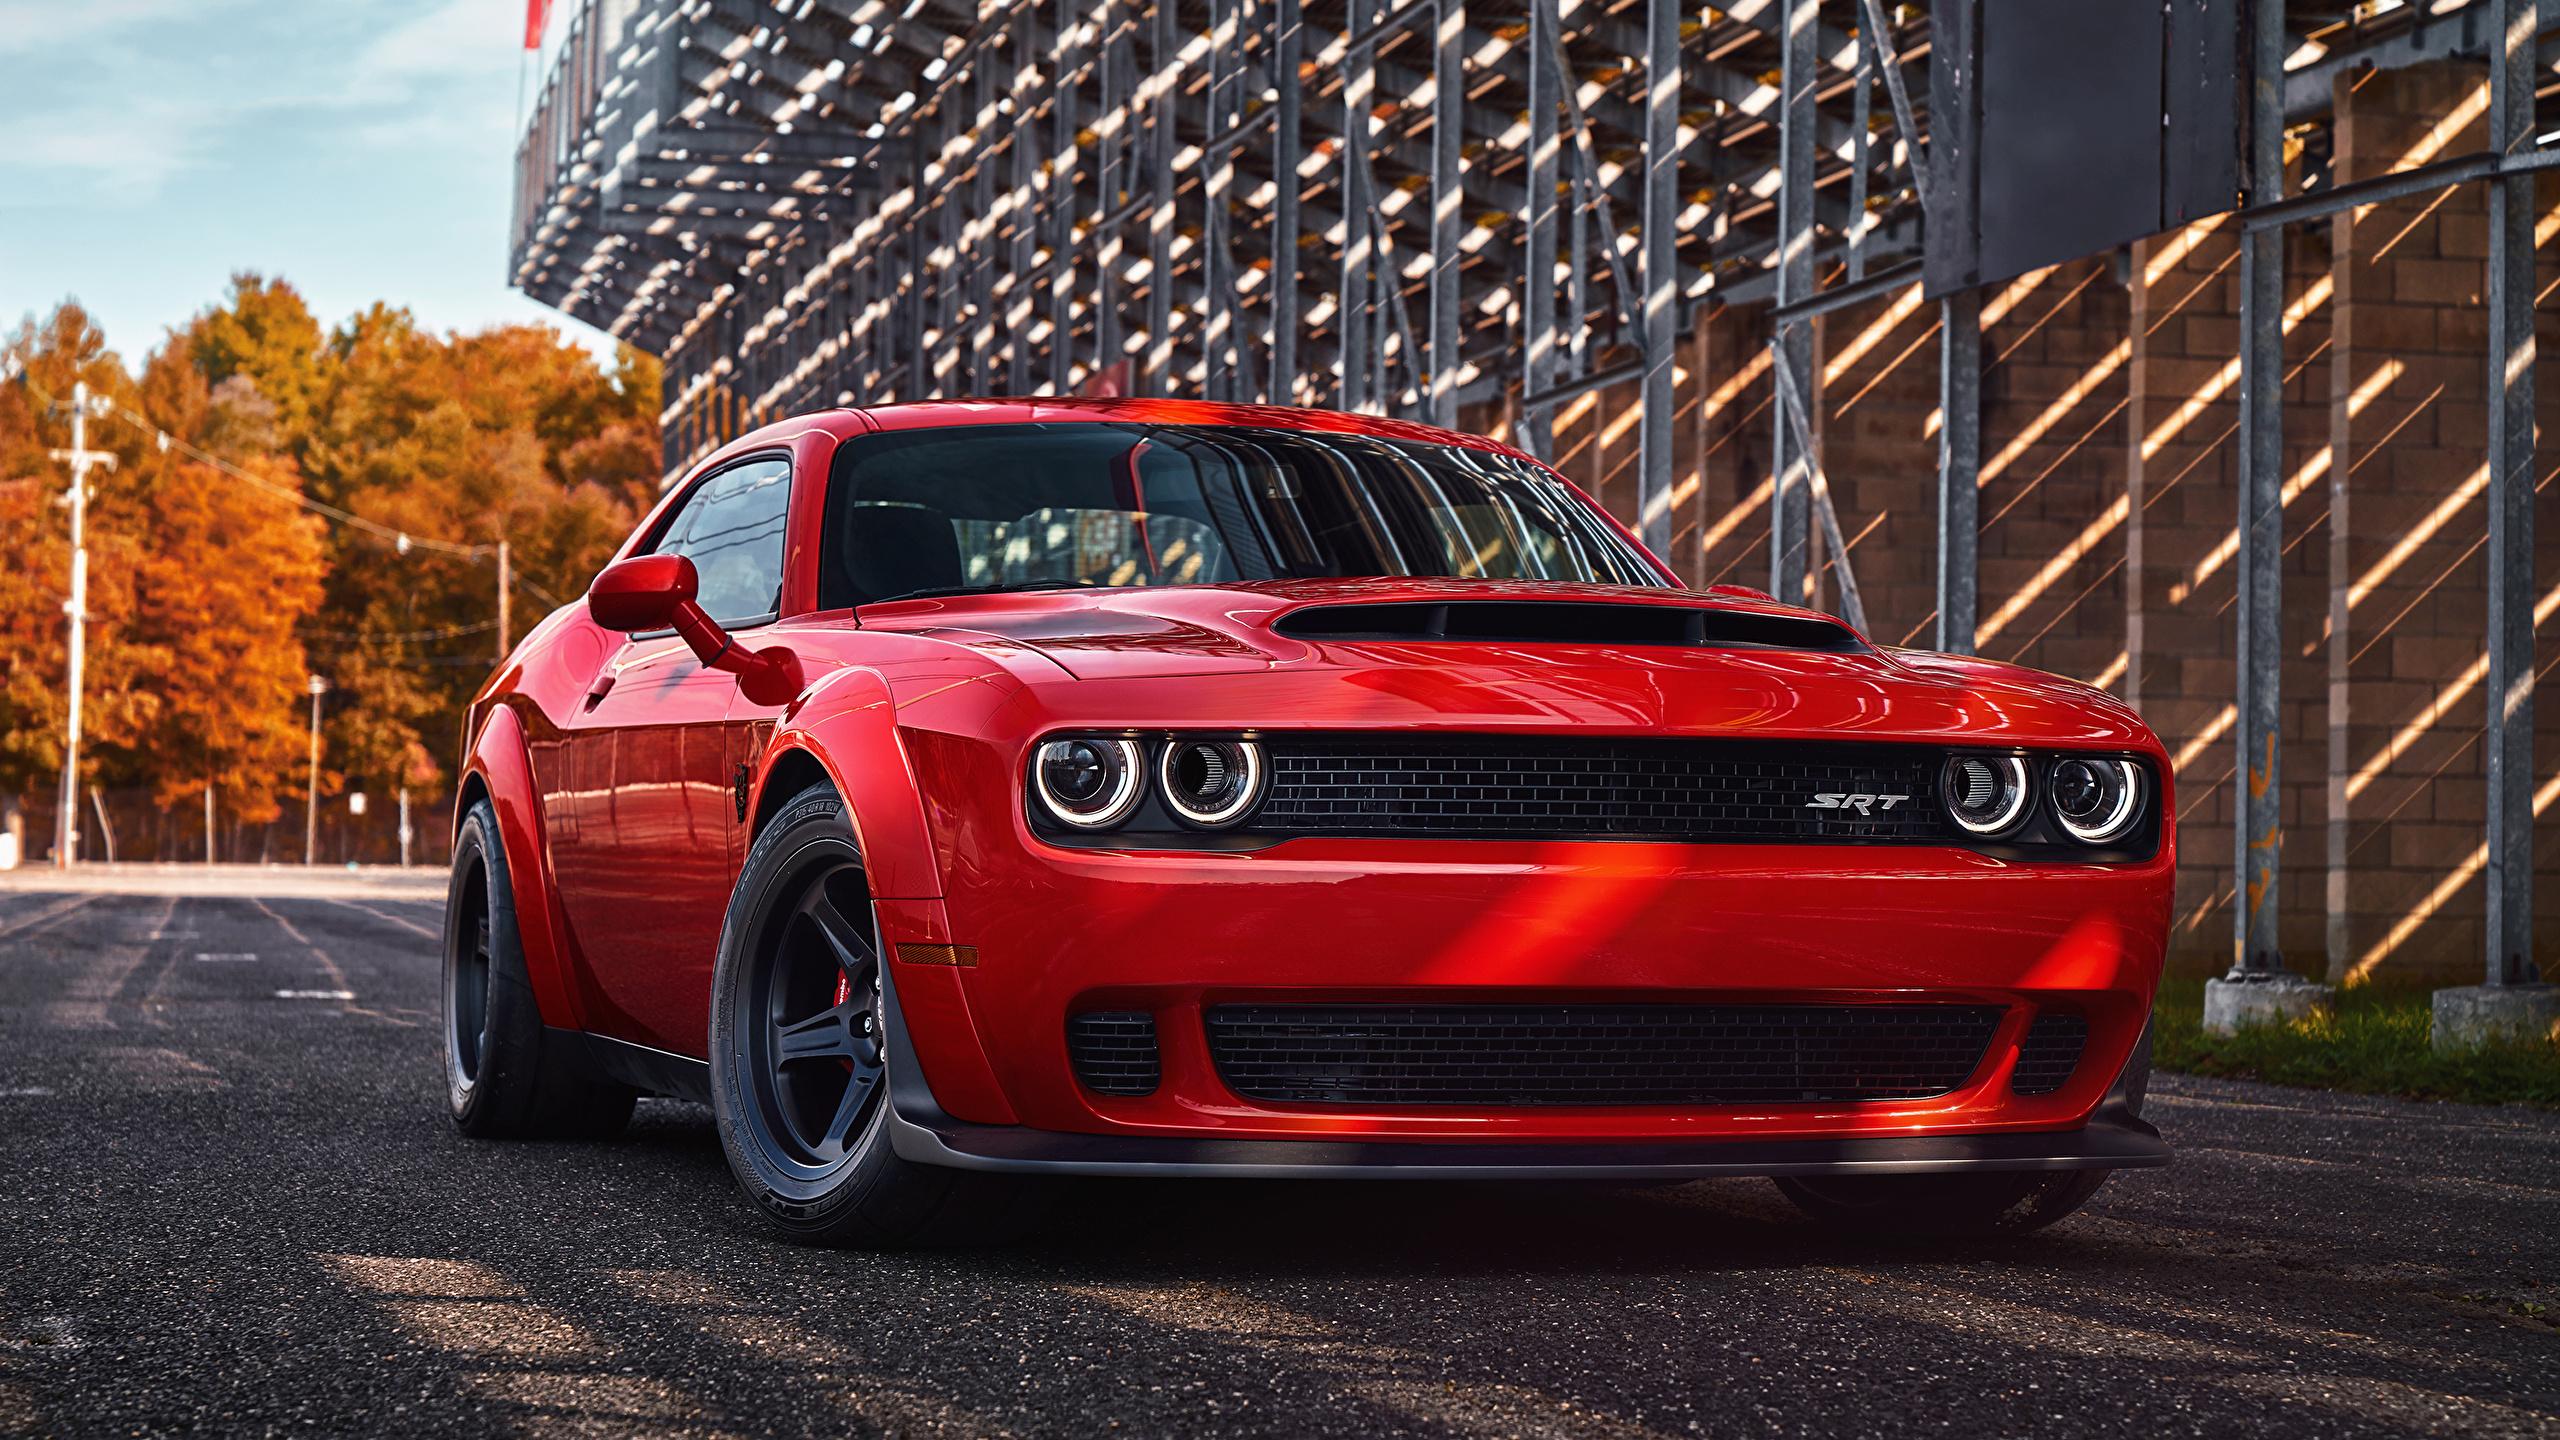 красный спортивный автомобиль Dodge Challenger red sports car  № 728267 без смс